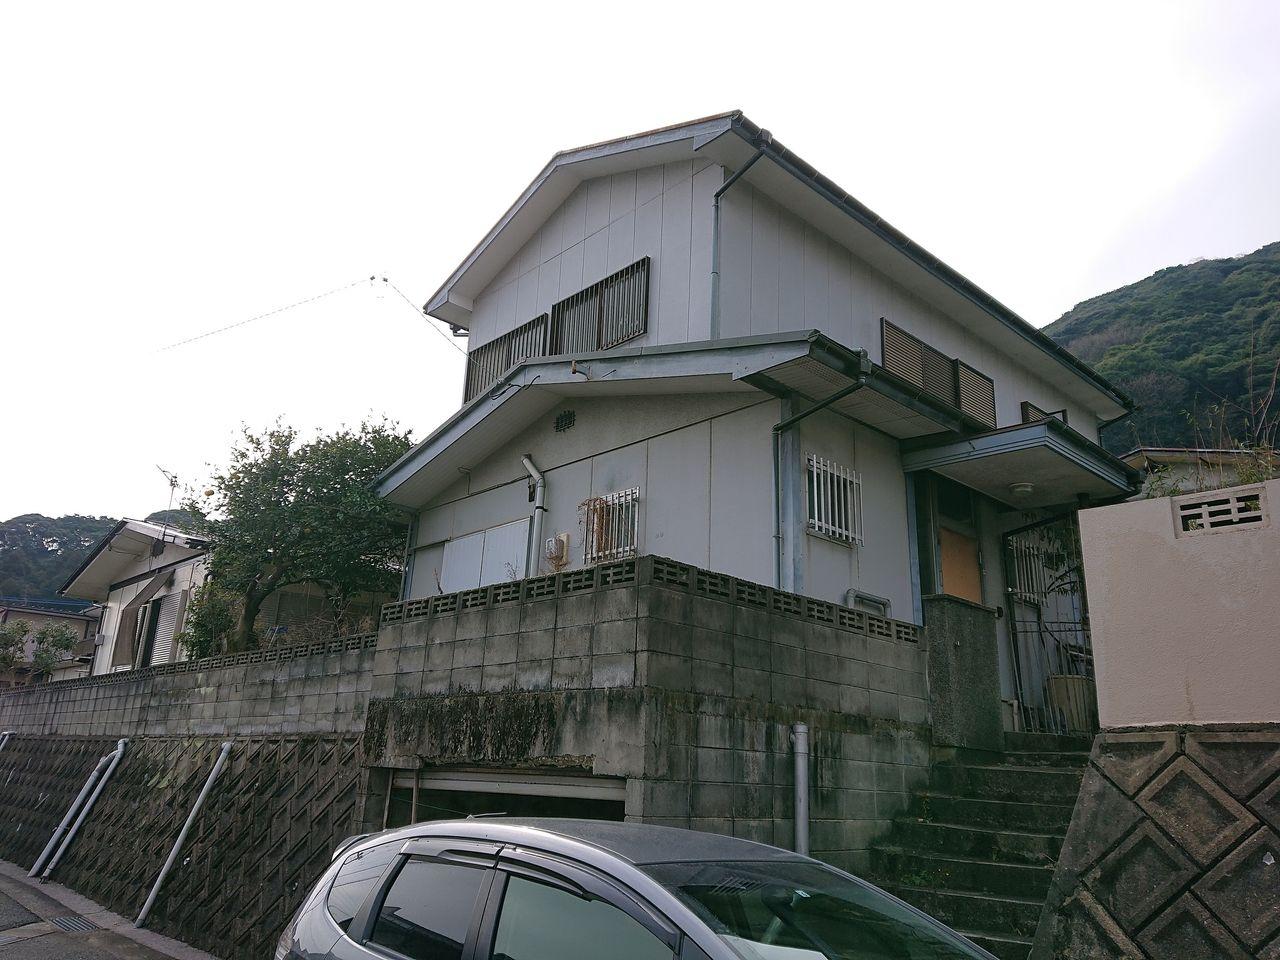 北九州市門司区大字畑売家、申込みいただきました(^^)/